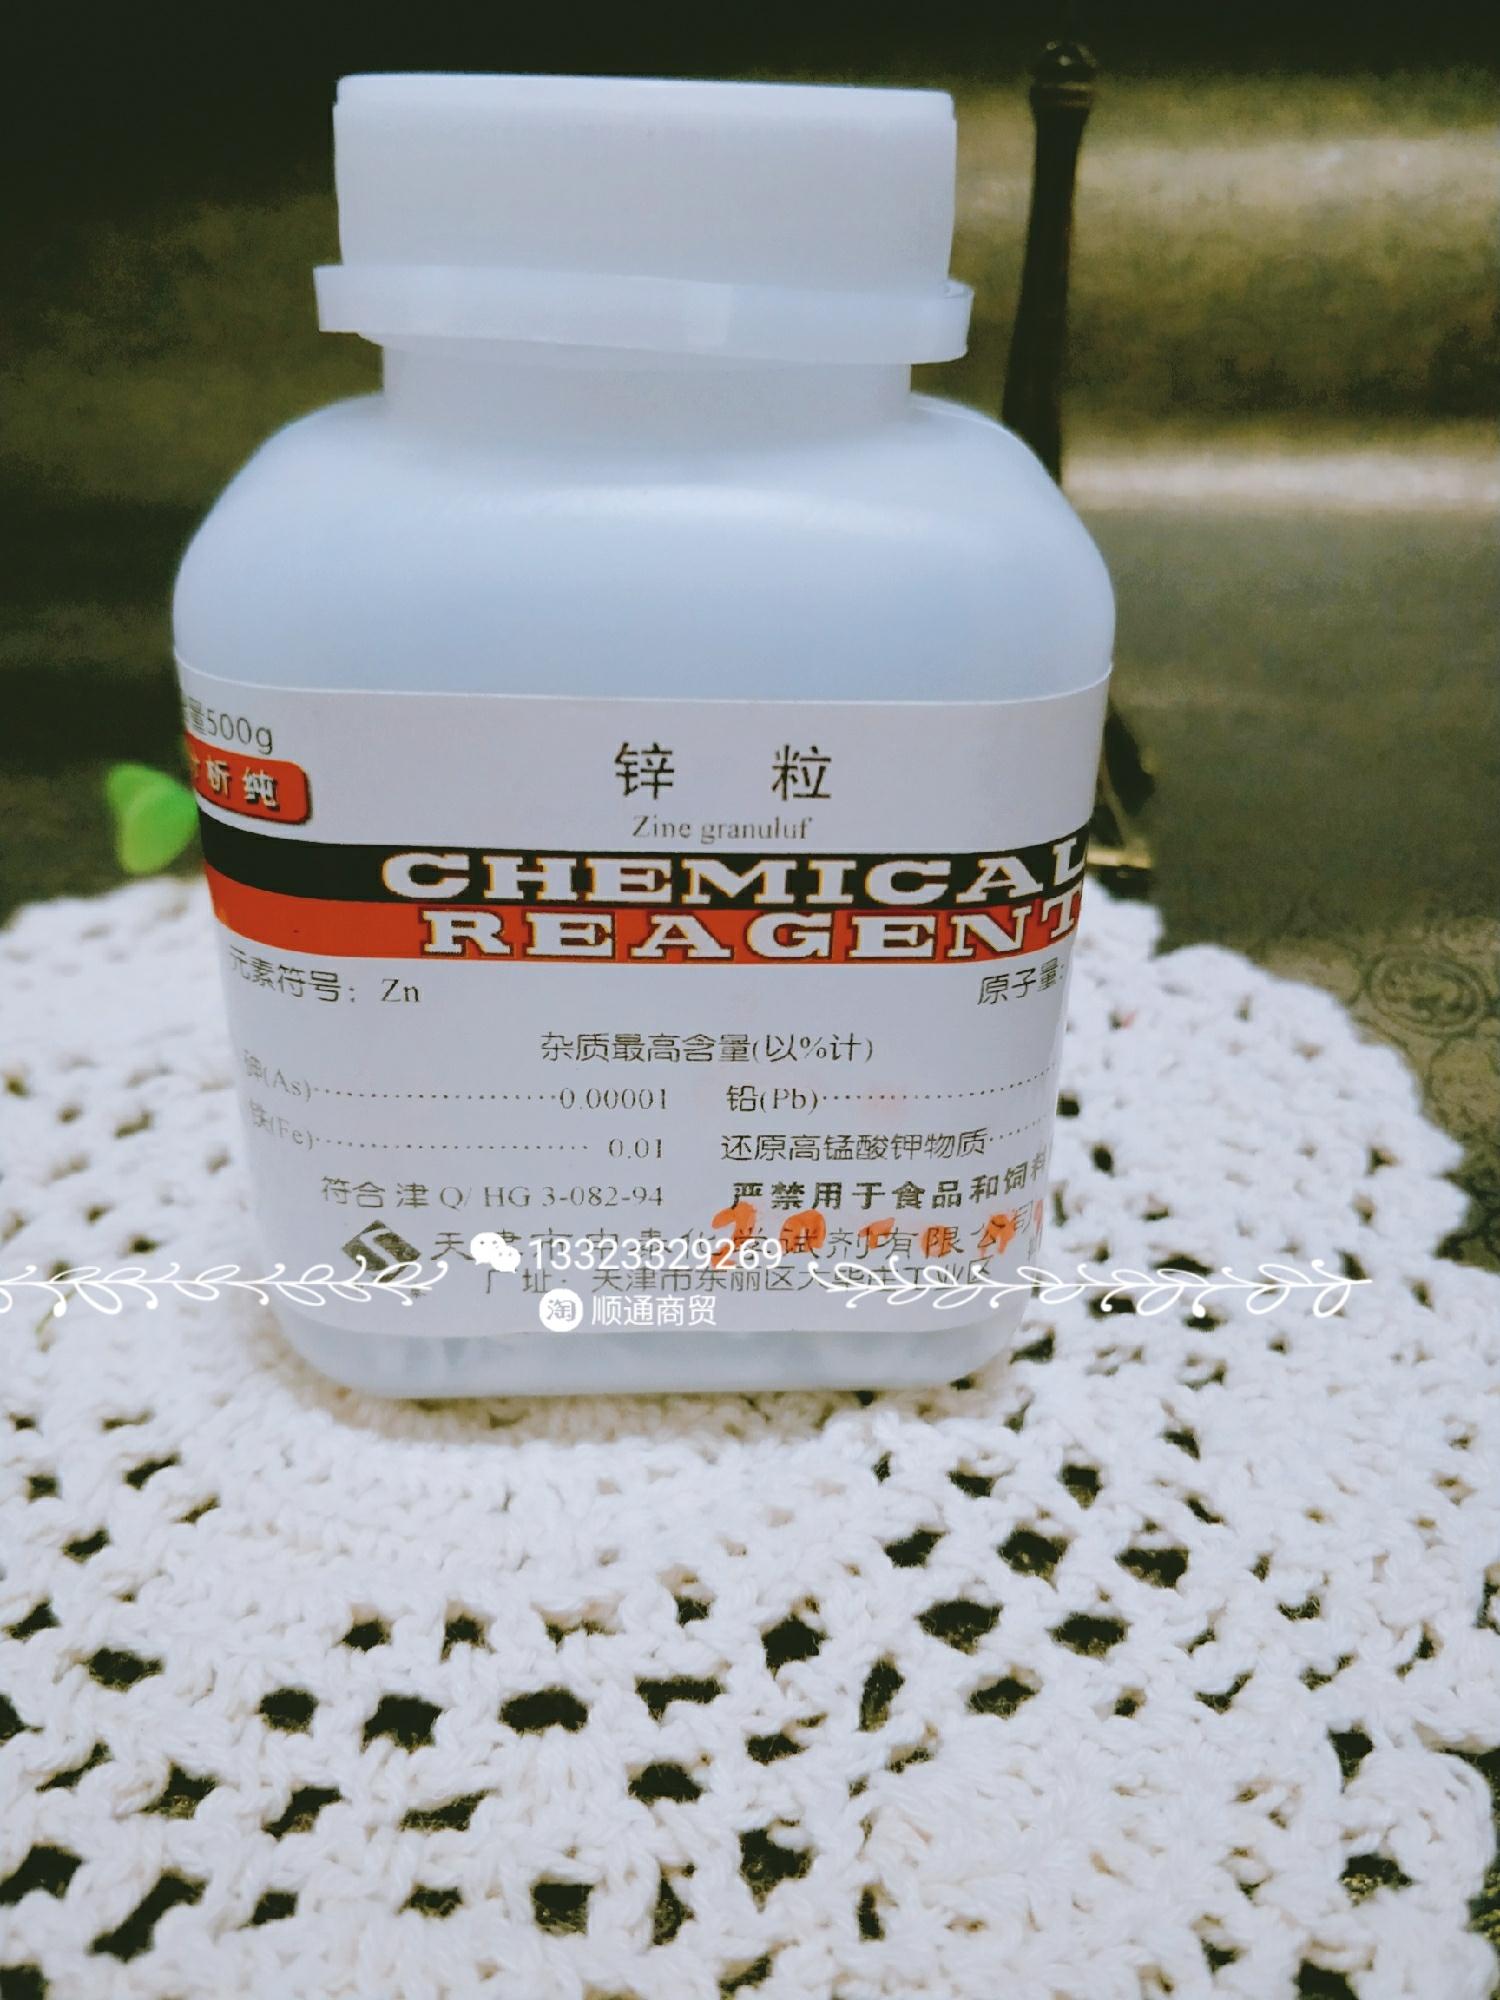 天津厂家直销锌粒分析纯500g足量化学实验高纯教学用品锌锭耗材